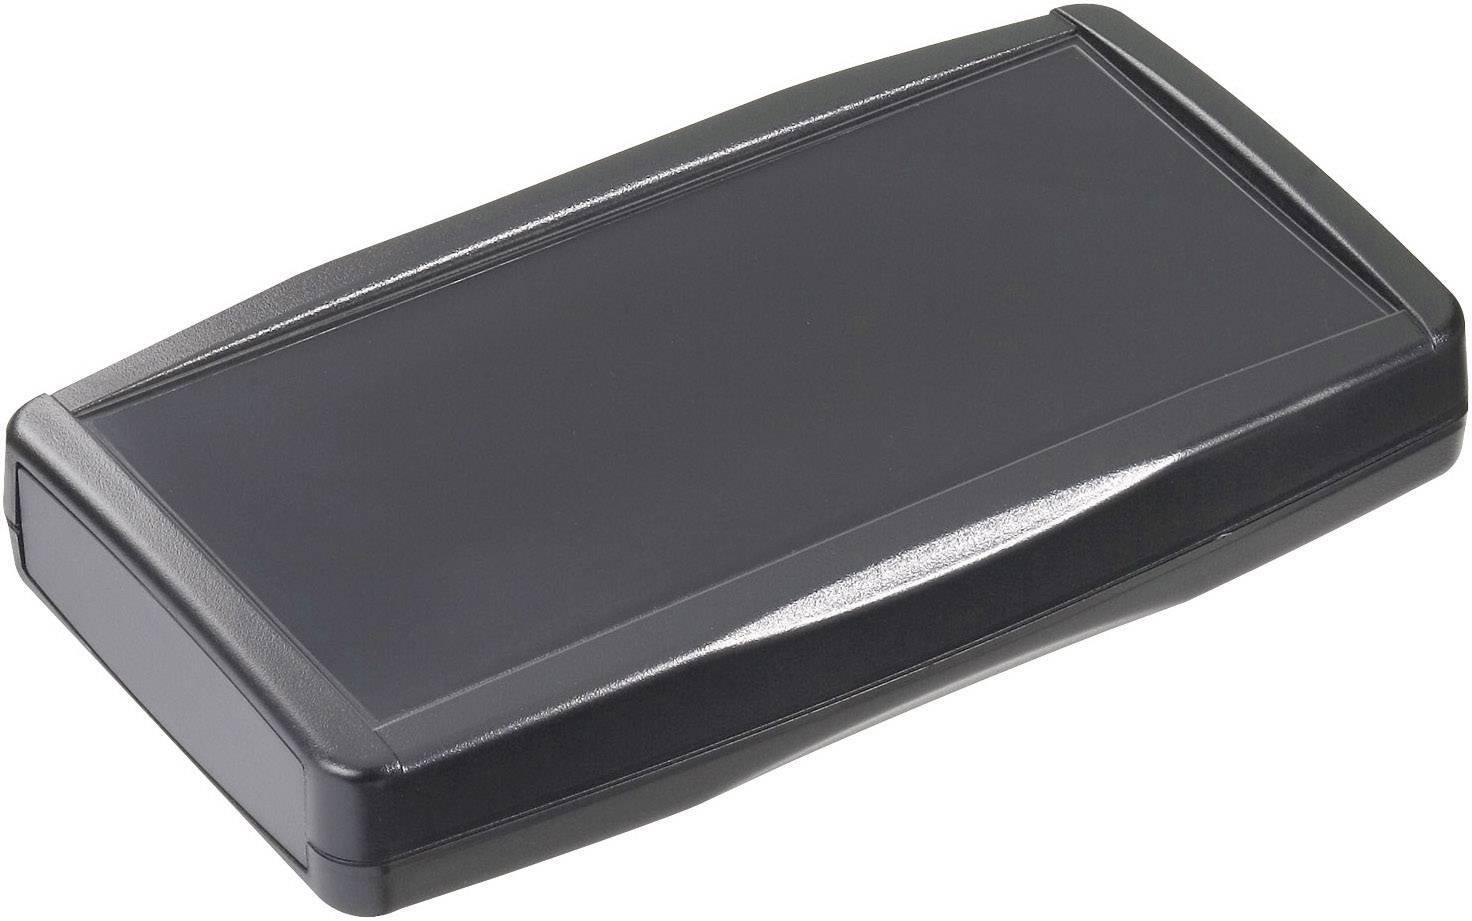 Plastová krabička Pactec XPL, 29 x 178 x 102 mm, ABS, čierna, 1 ks